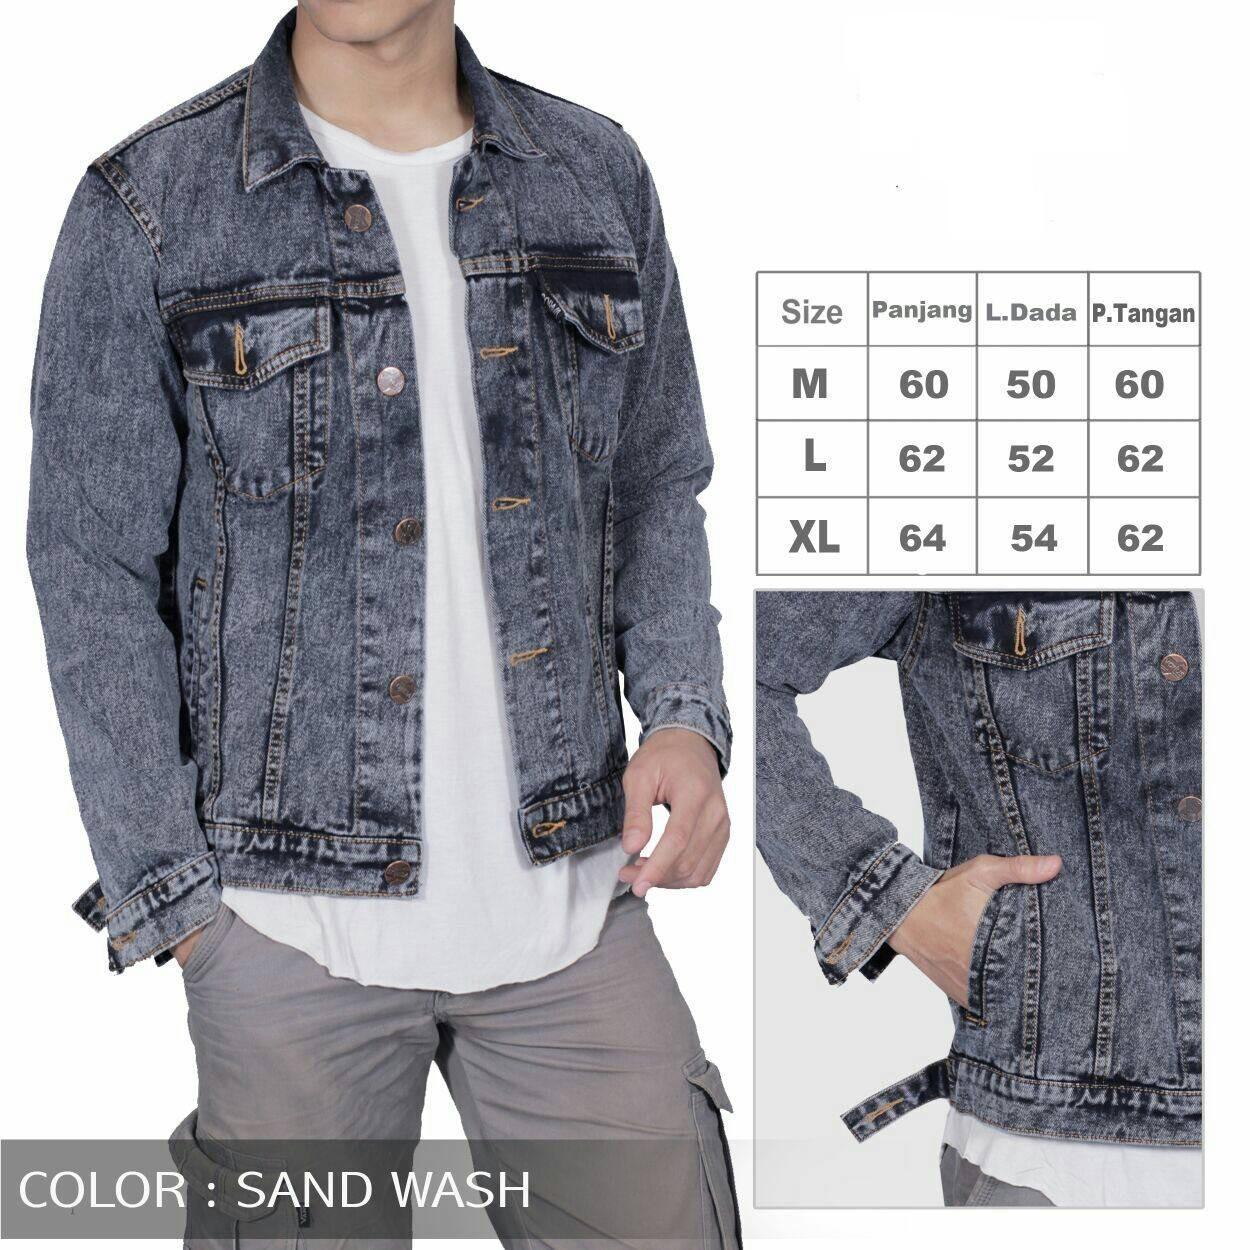 Sandwash Page 2 Toko Online Laris Manis Jual Berbagai Produk Jaket Jeans Denim Pria Abu Murah Berqualitas